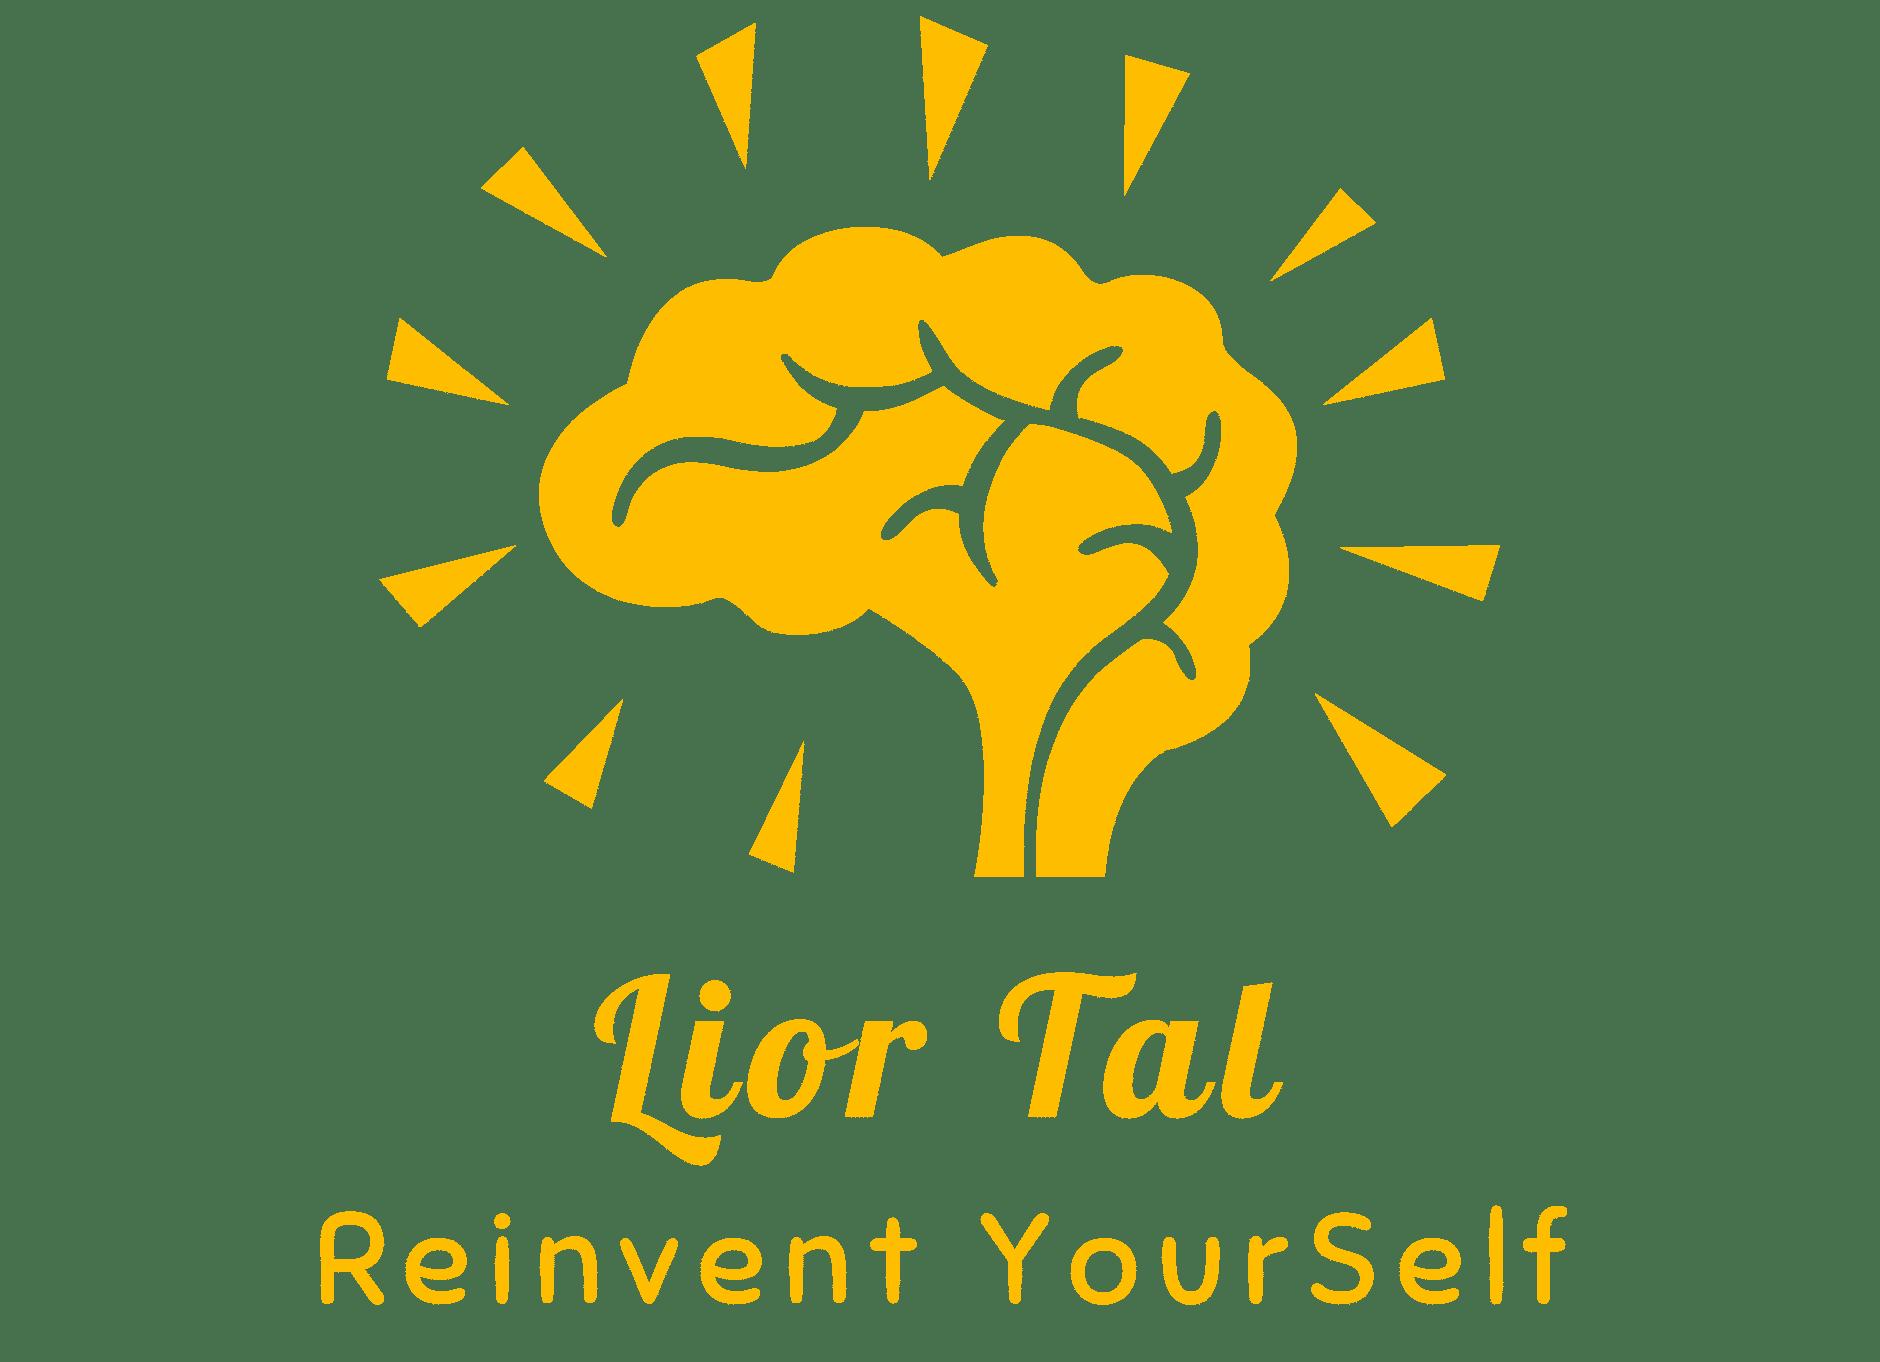 ליאור טל – מוטיבציה, חשיבה חיובית ויצירתיות בחיים ובעסקים